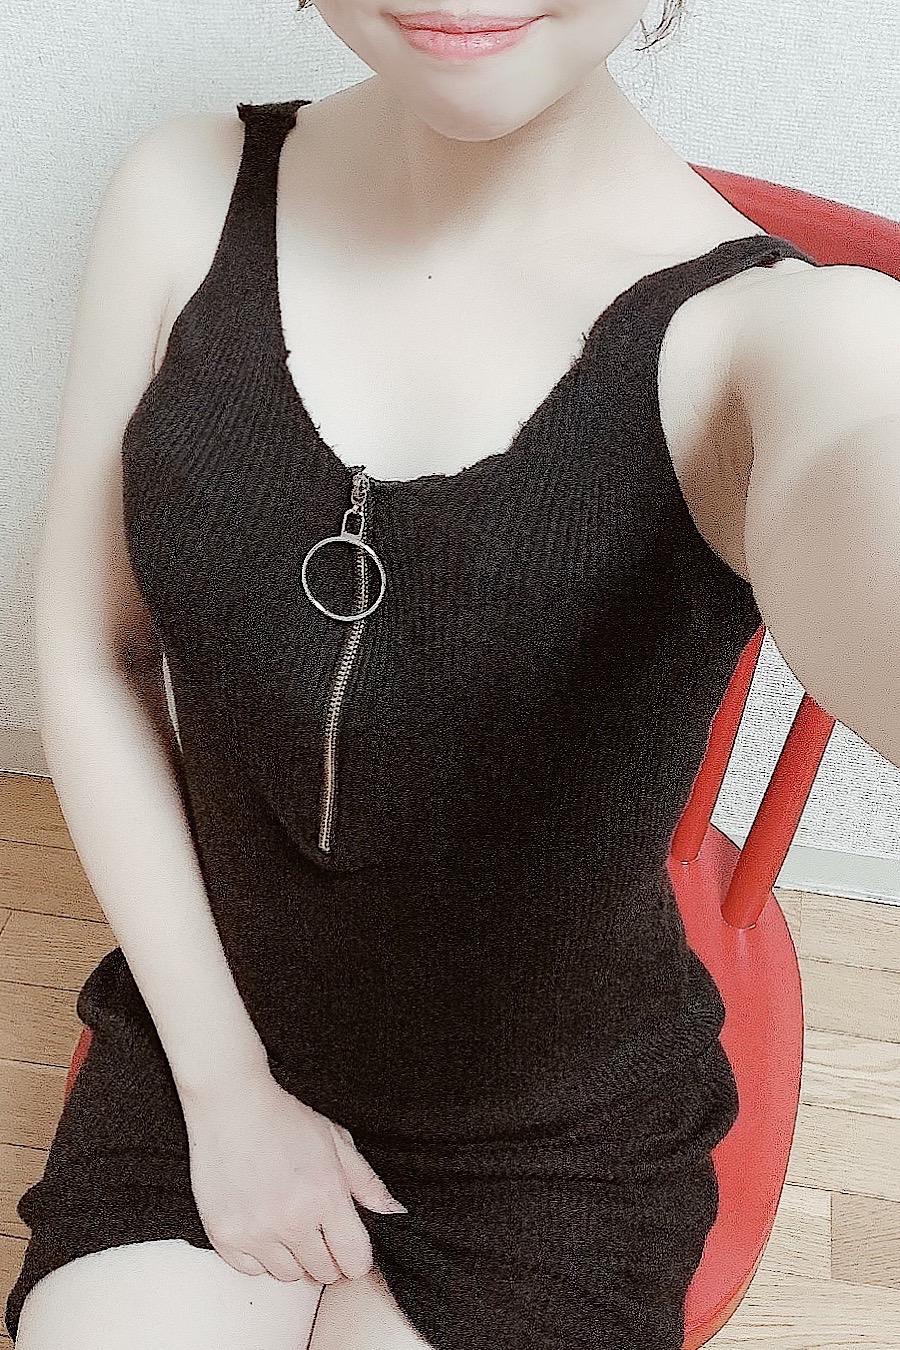 朝比奈みゆ /T153cm